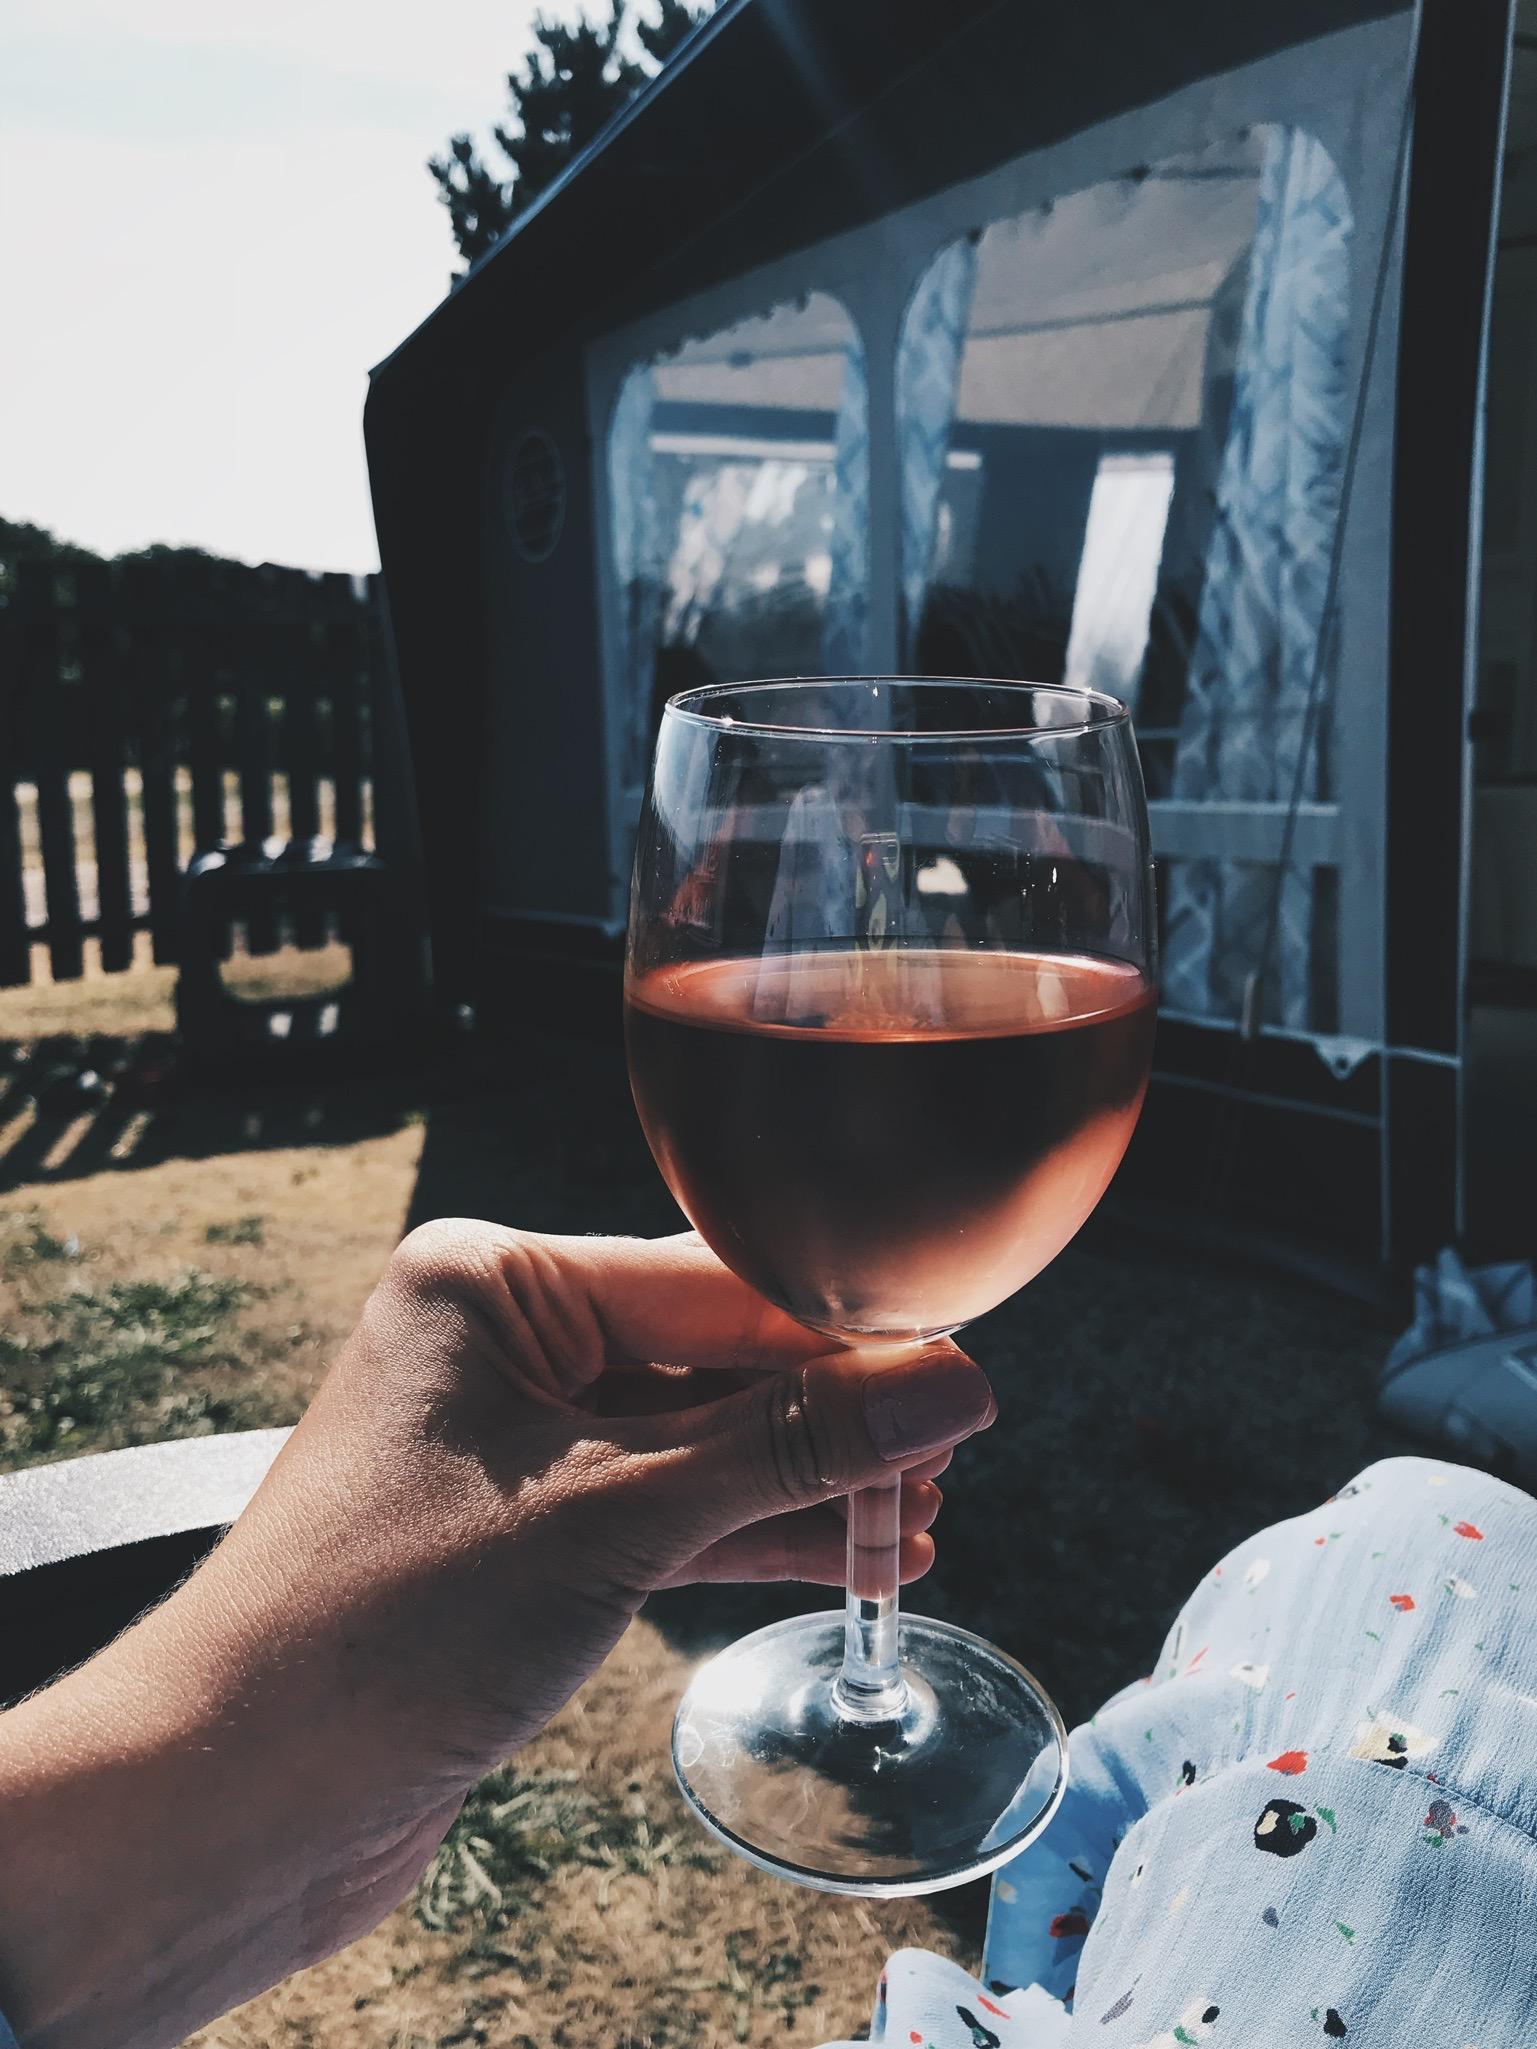 Vores uge i en <strong>LMC campingvogn</strong> på Henne Strand Camping 19